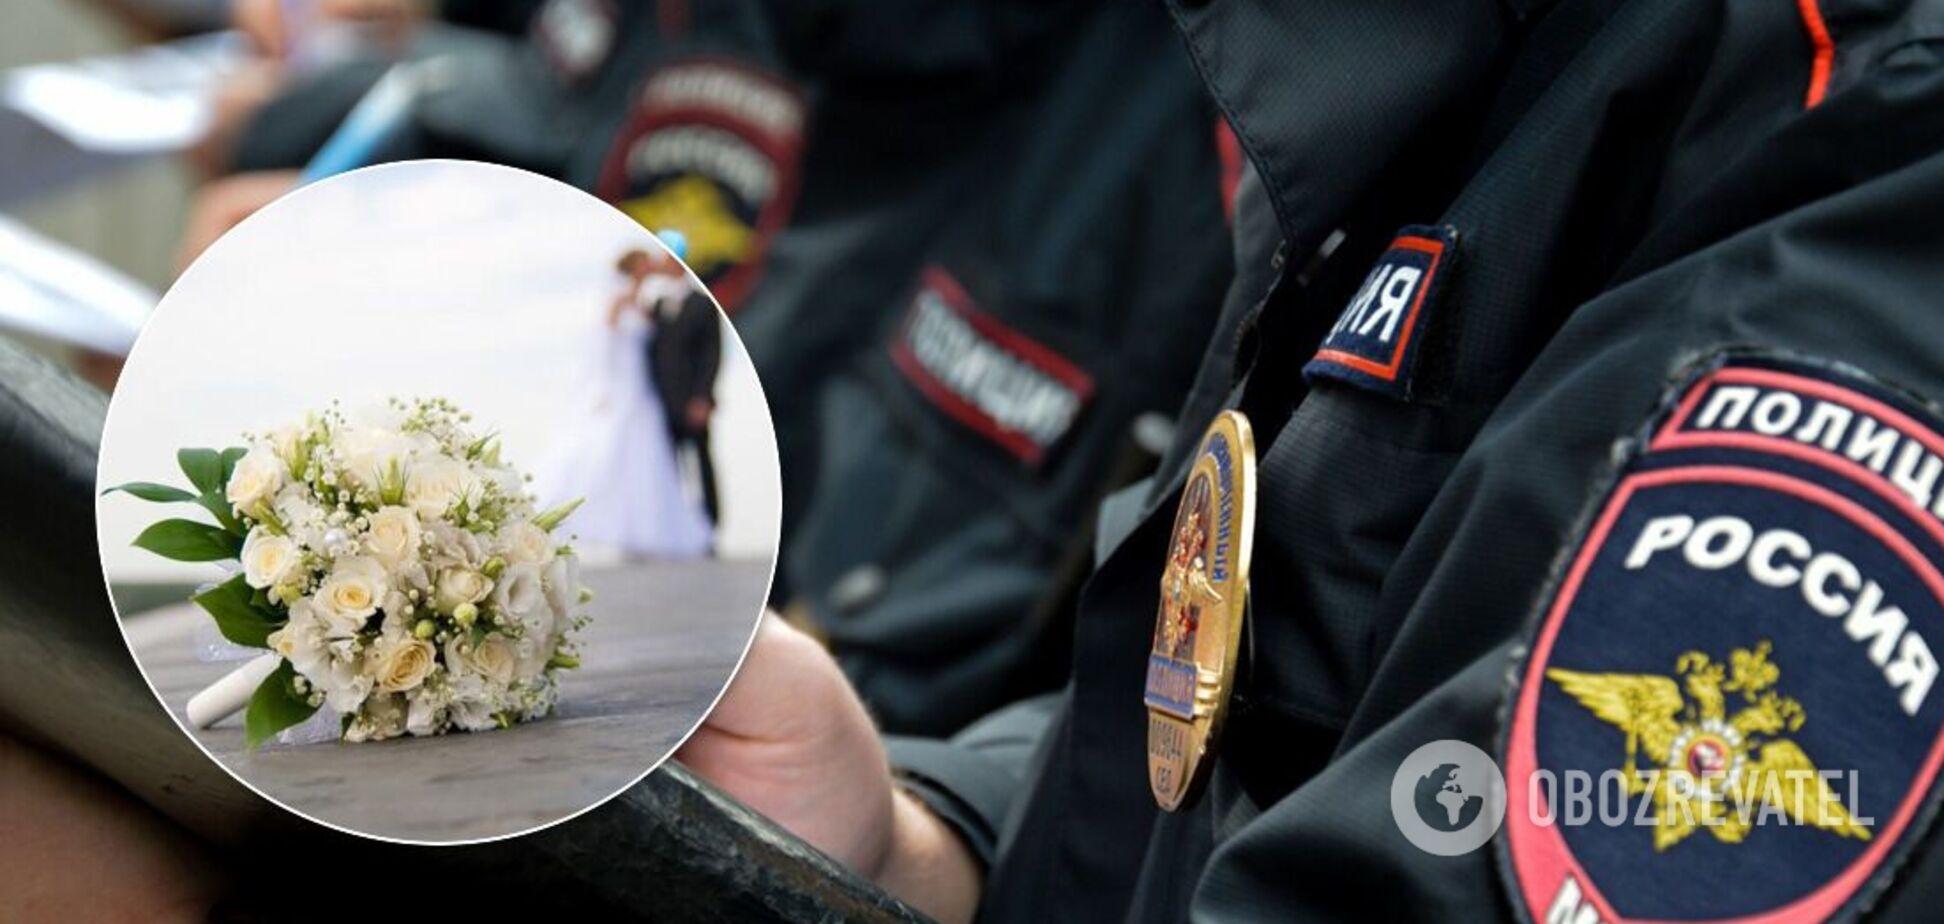 В России супруги забили друг друга до смерти:умужчины изглаза торчали ножницы